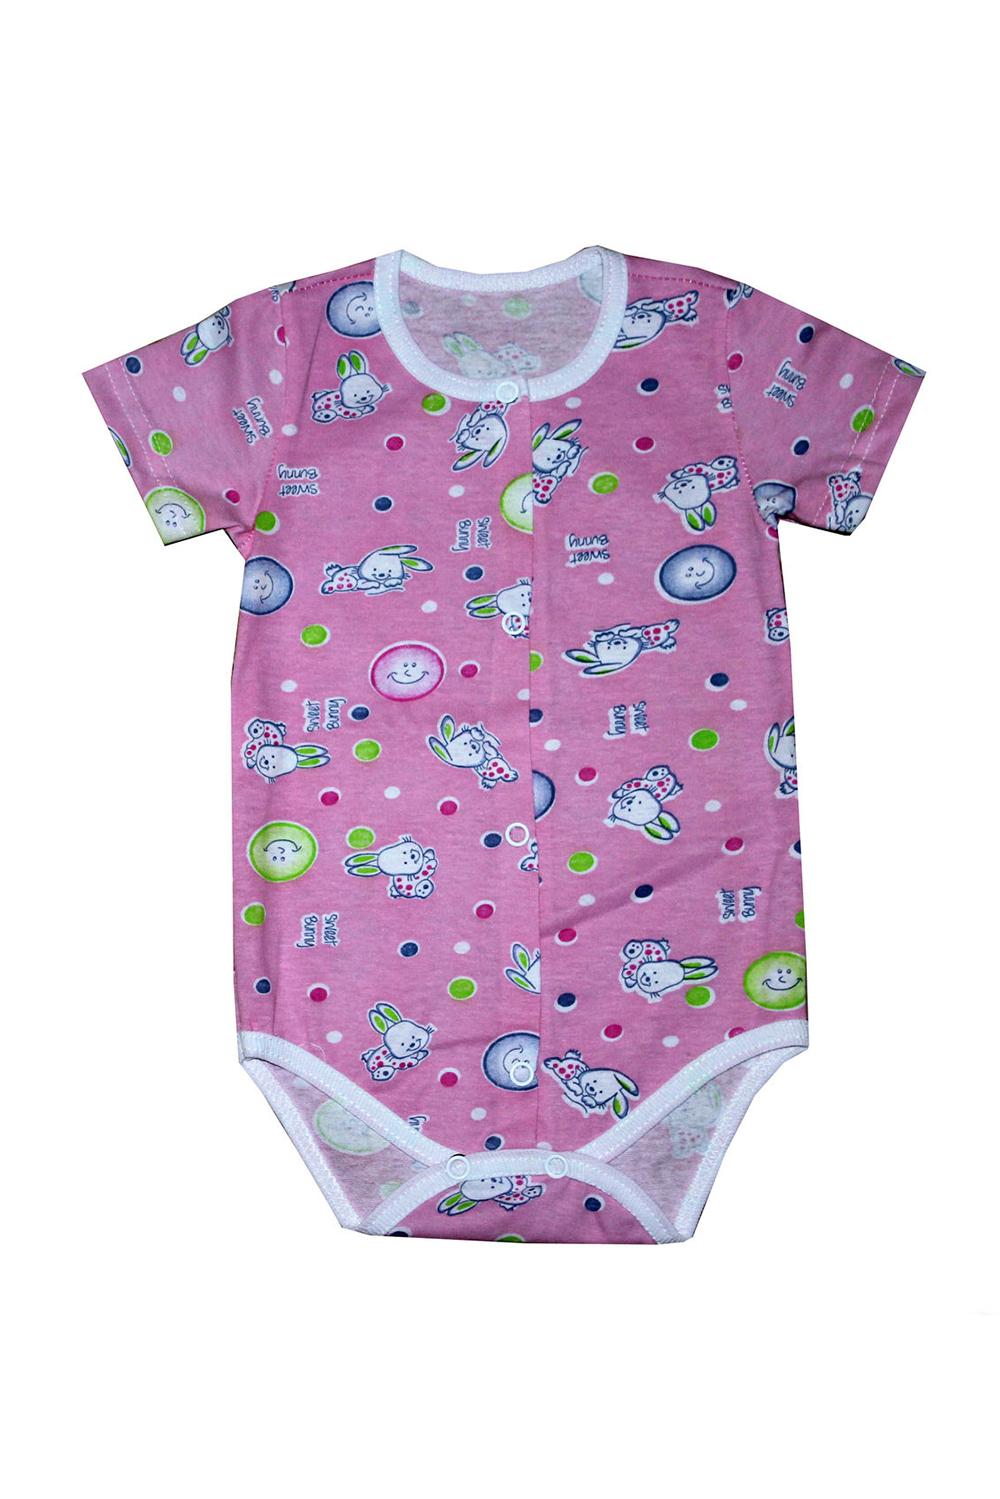 БодиКофточки<br>Хлопковое боди для новорожденного  В изделии использованы цвета: темно-розовый, мультицвет  Размер соответствует росту ребенка.<br><br>По сезону: Всесезон<br>Размер : 62<br>Материал: Хлопок<br>Количество в наличии: 3